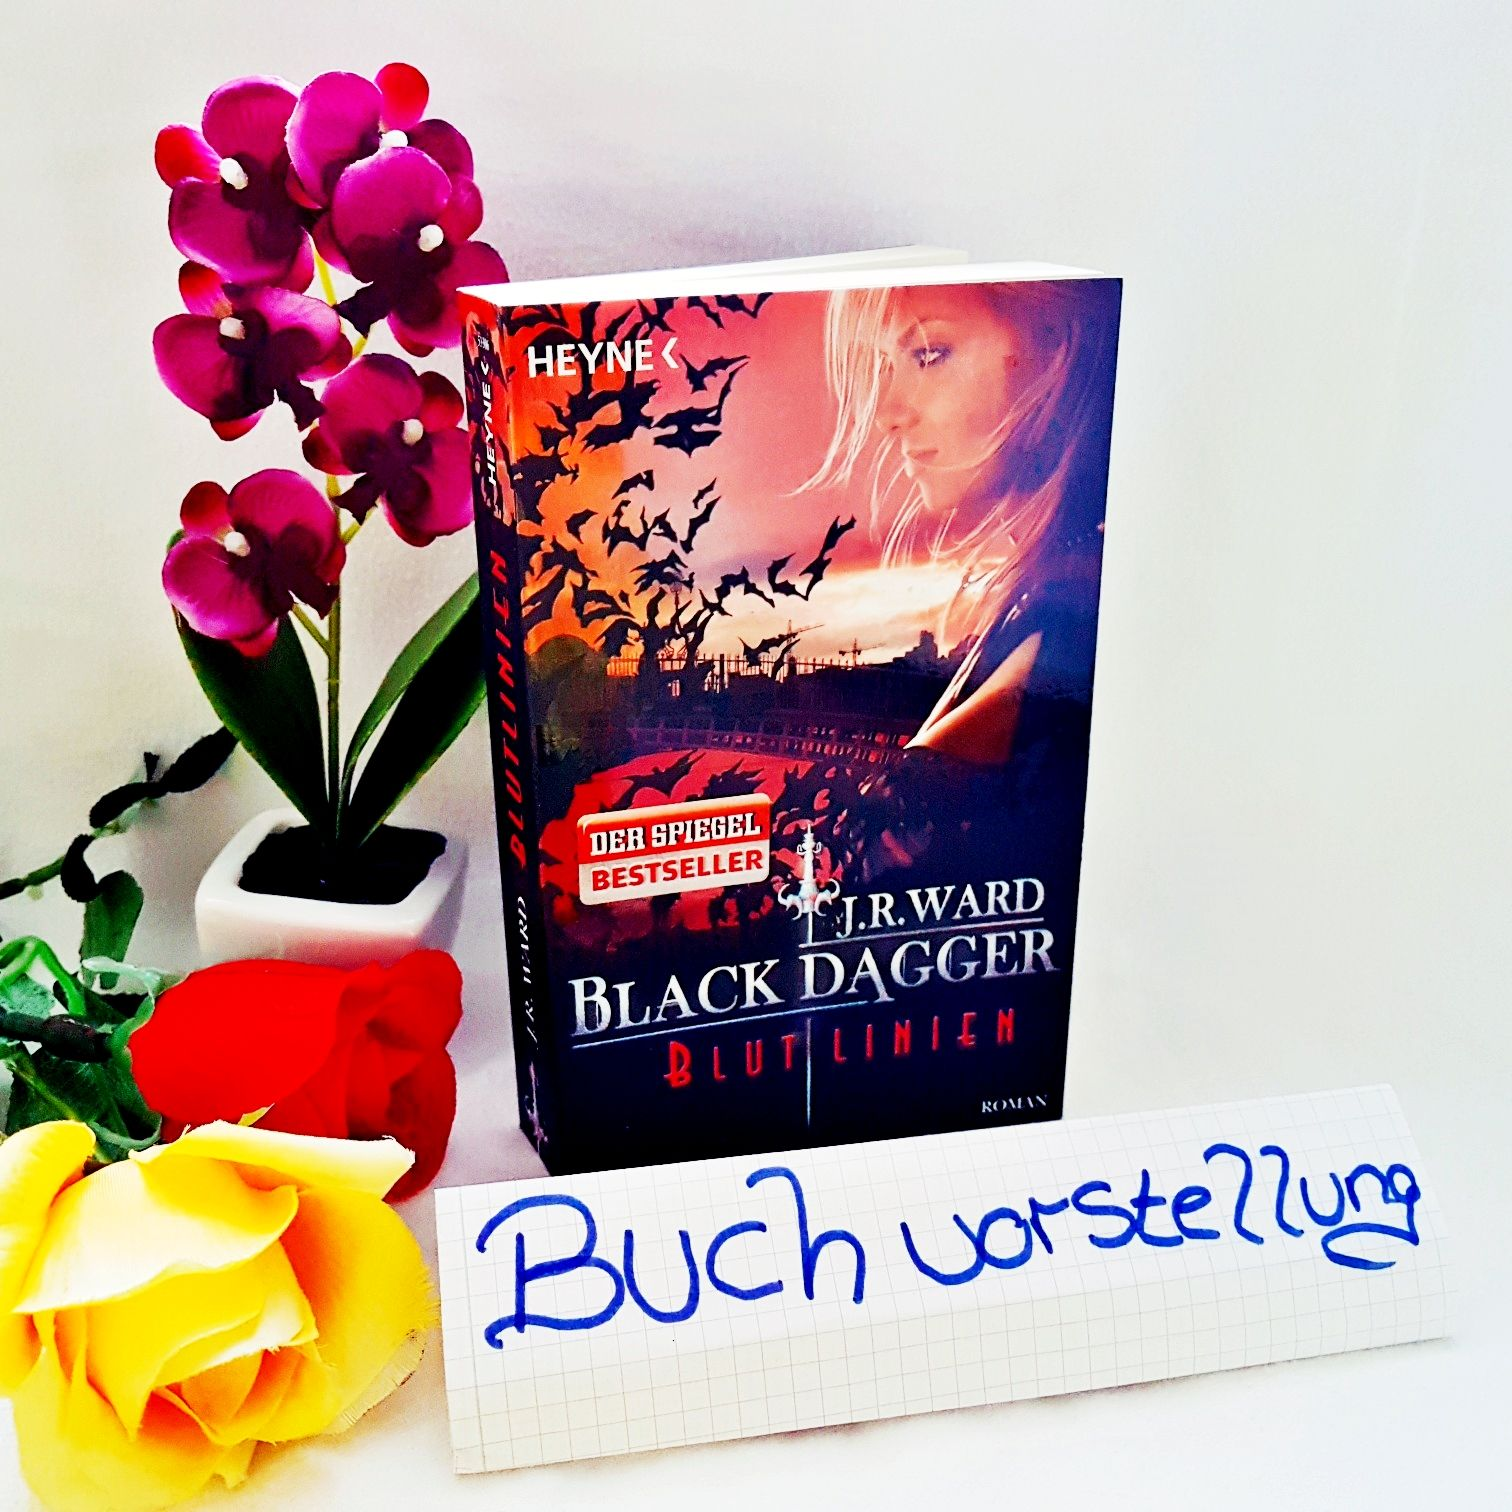 Black Dagger Blutlinien von J.R.Ward